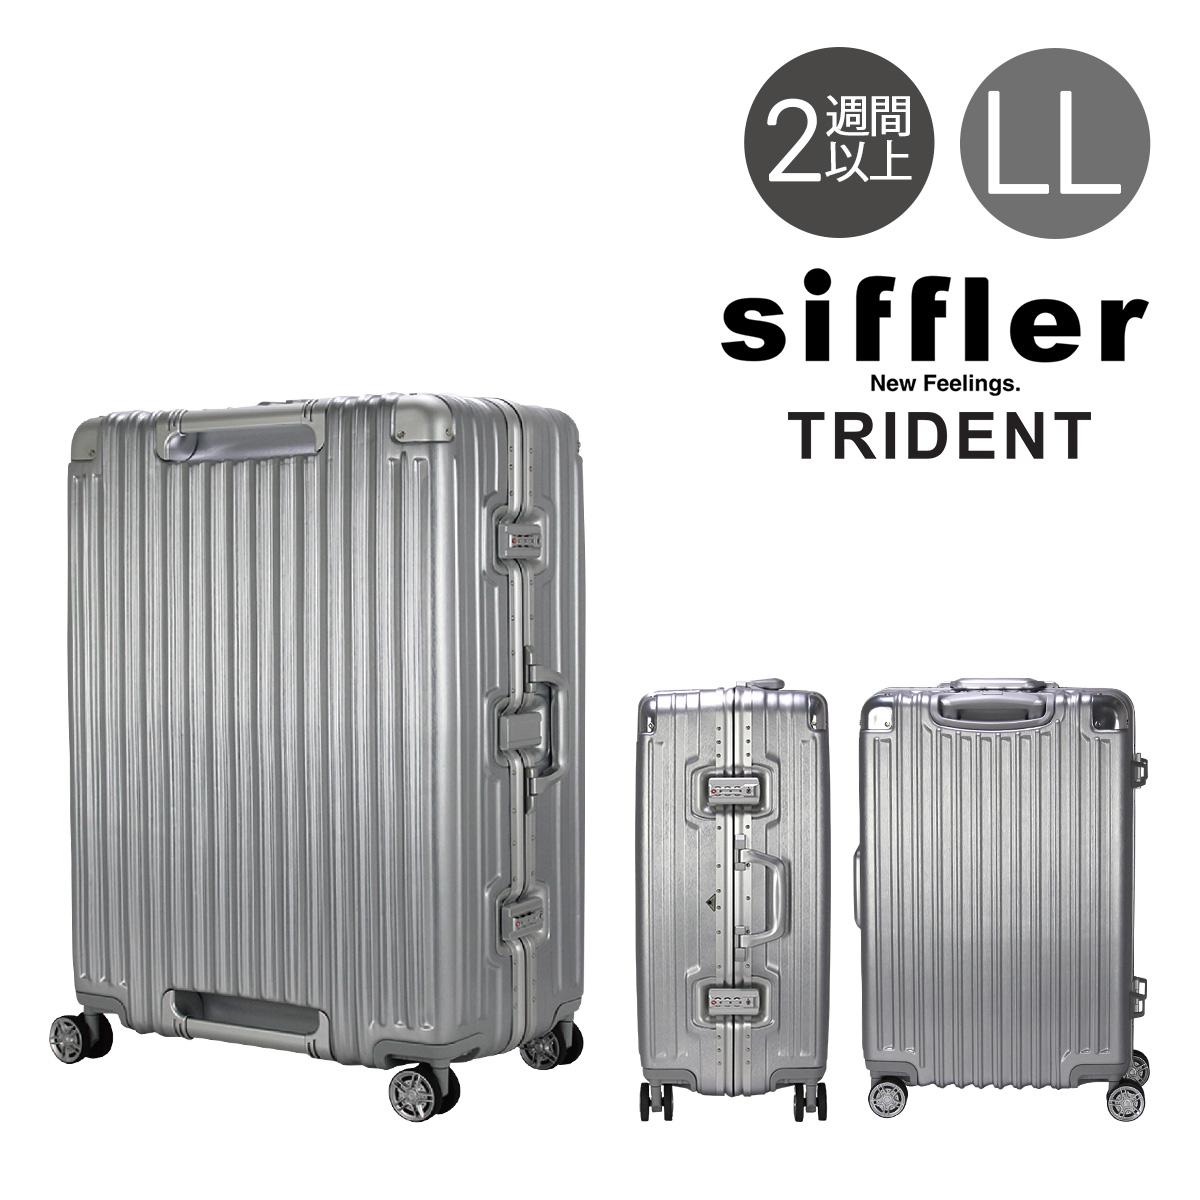 シフレ スーツケース 4輪|104L 75cm 6.2kg トライデント TRI1102-75|軽量 ハード フレーム Siffler|TSAロック搭載 キャリーバッグ キャリーケース